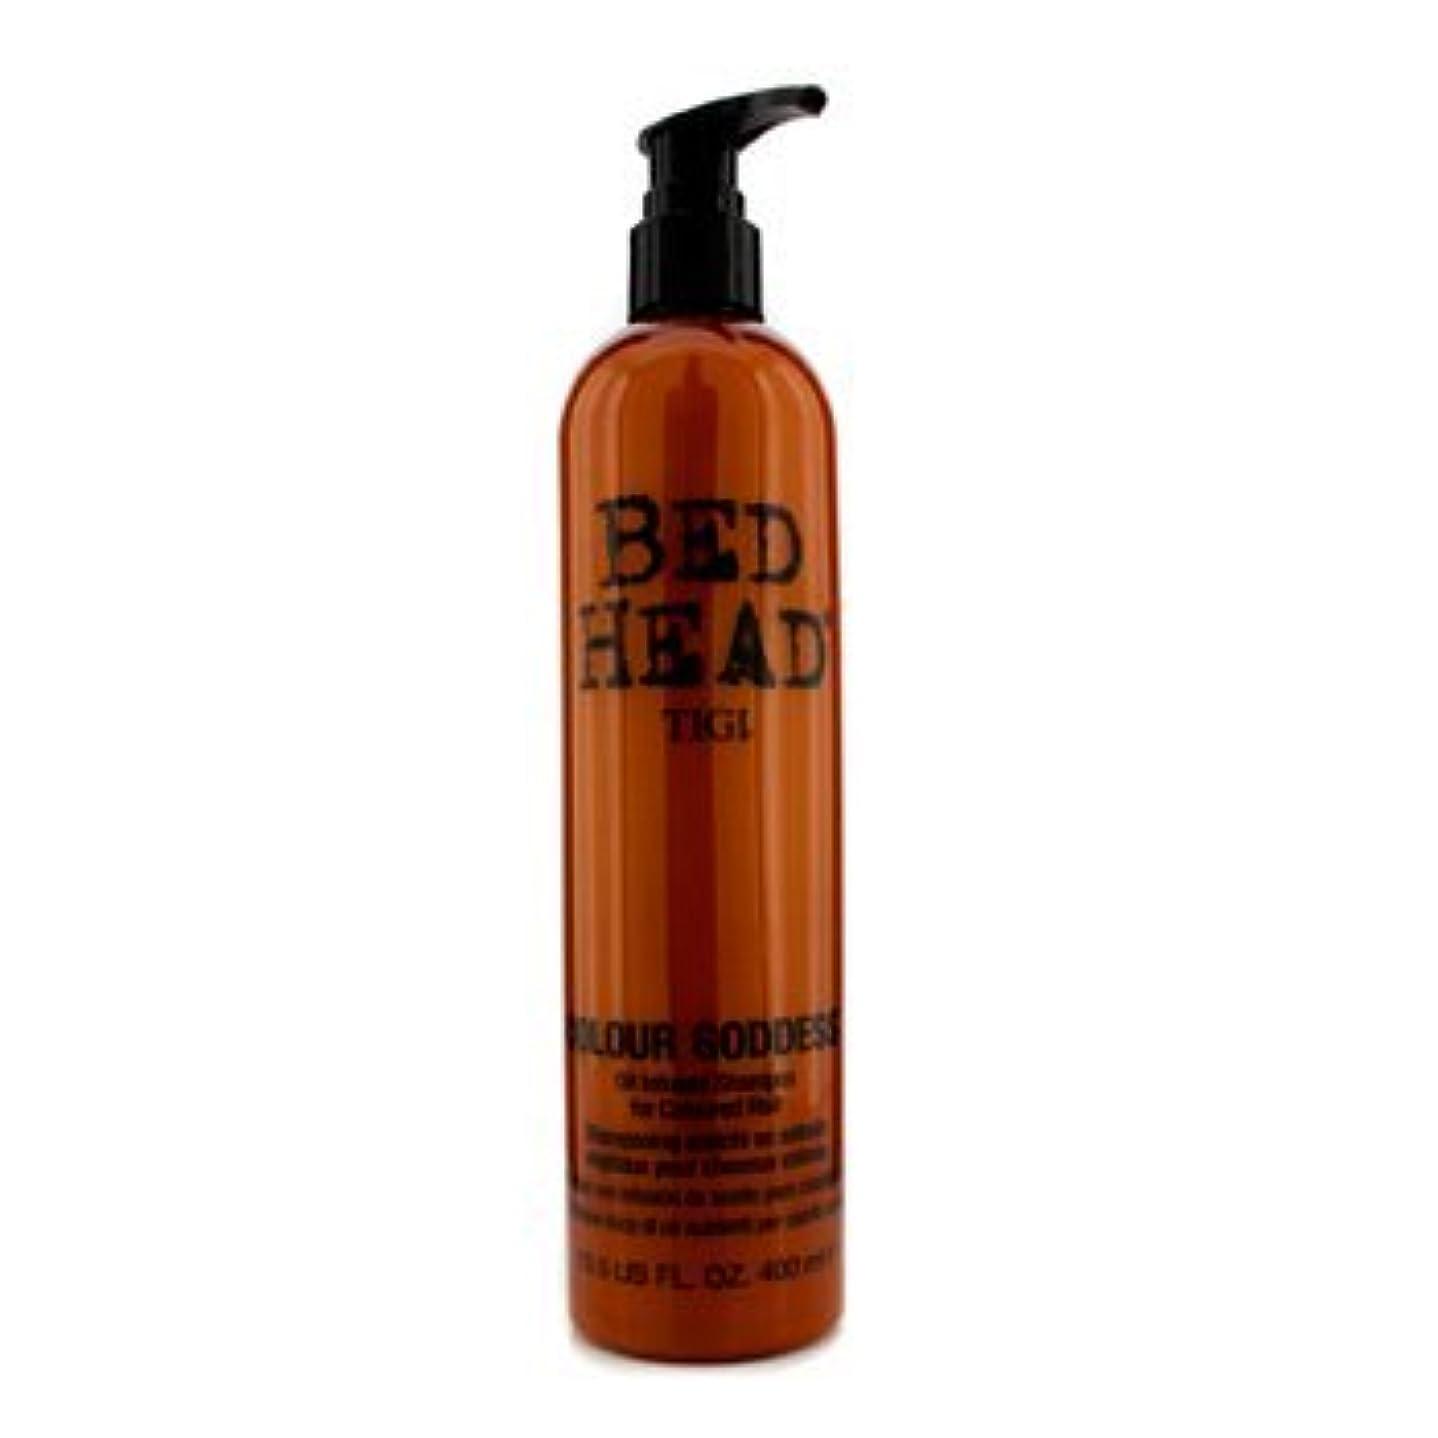 放棄する地獄見通し[Tigi] Bed Head Colour Goddess Oil Infused Shampoo (For Coloured Hair) 400ml/13.5oz